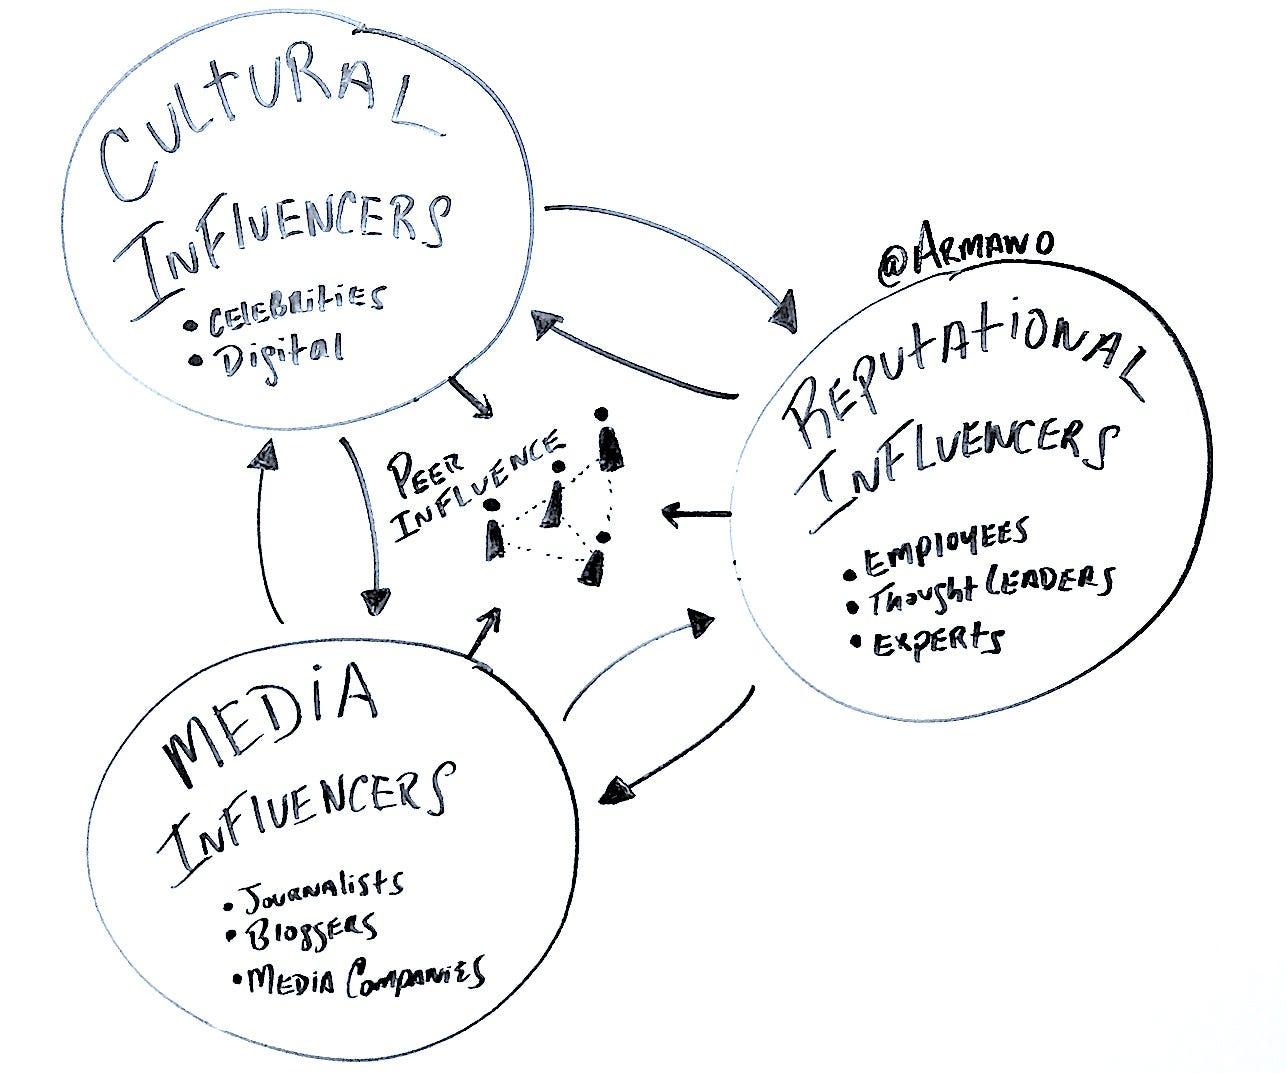 Influencer marketing diagram